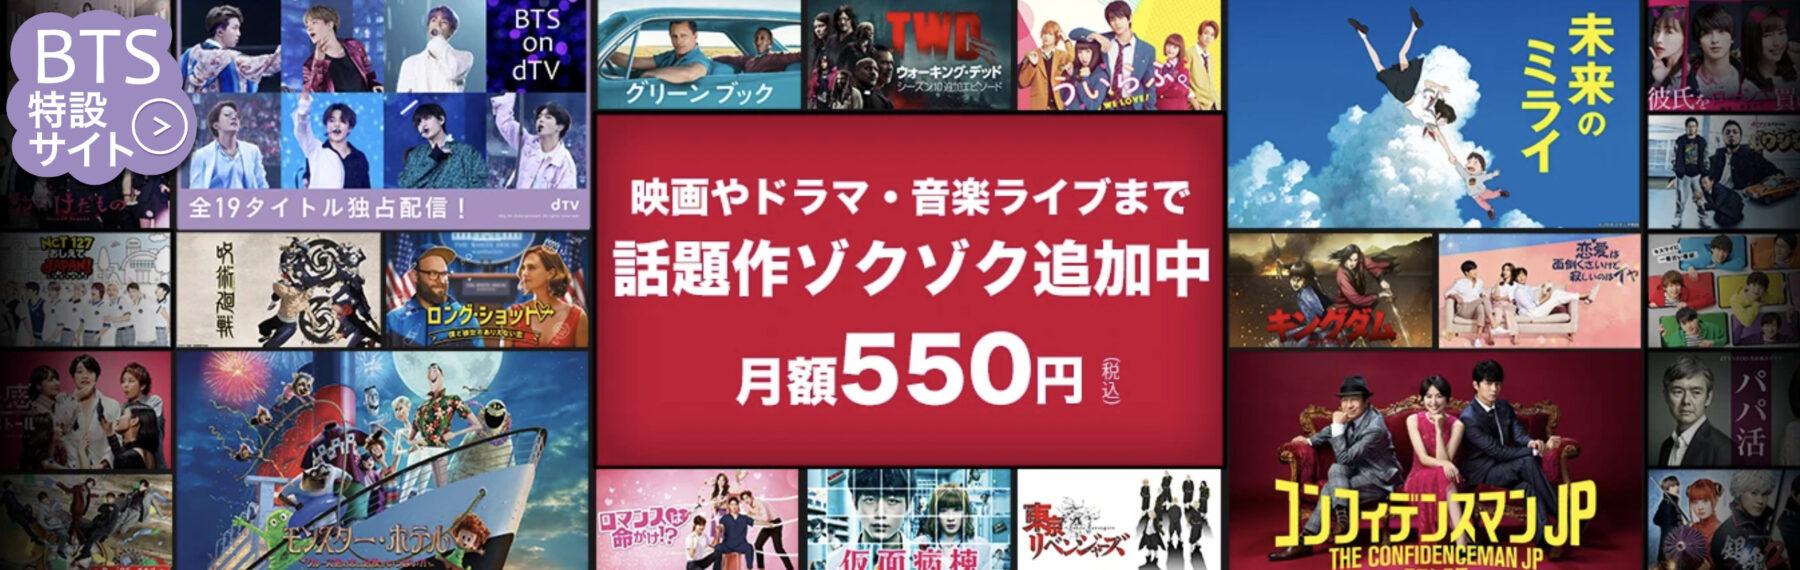 月額550円で見放題のコスパ最強!